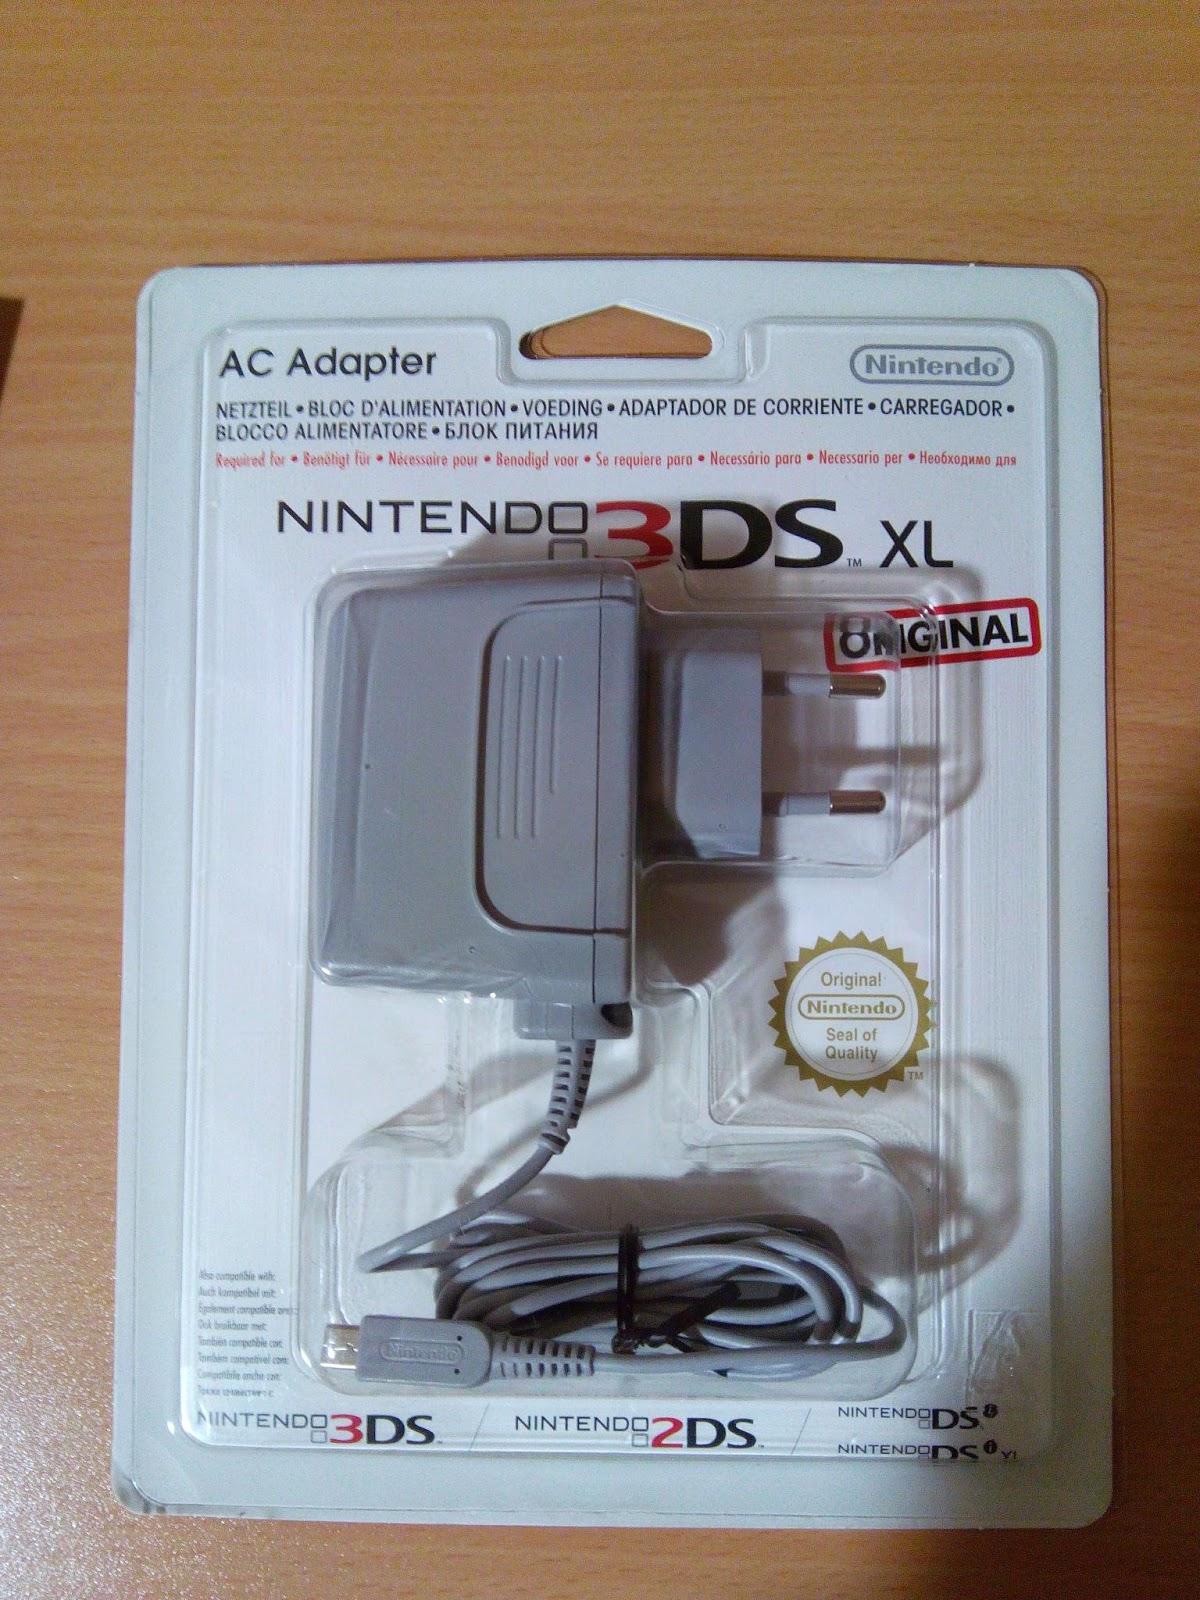 El cargador de New Nintendo 3DS Xl que Nintendo no incluye